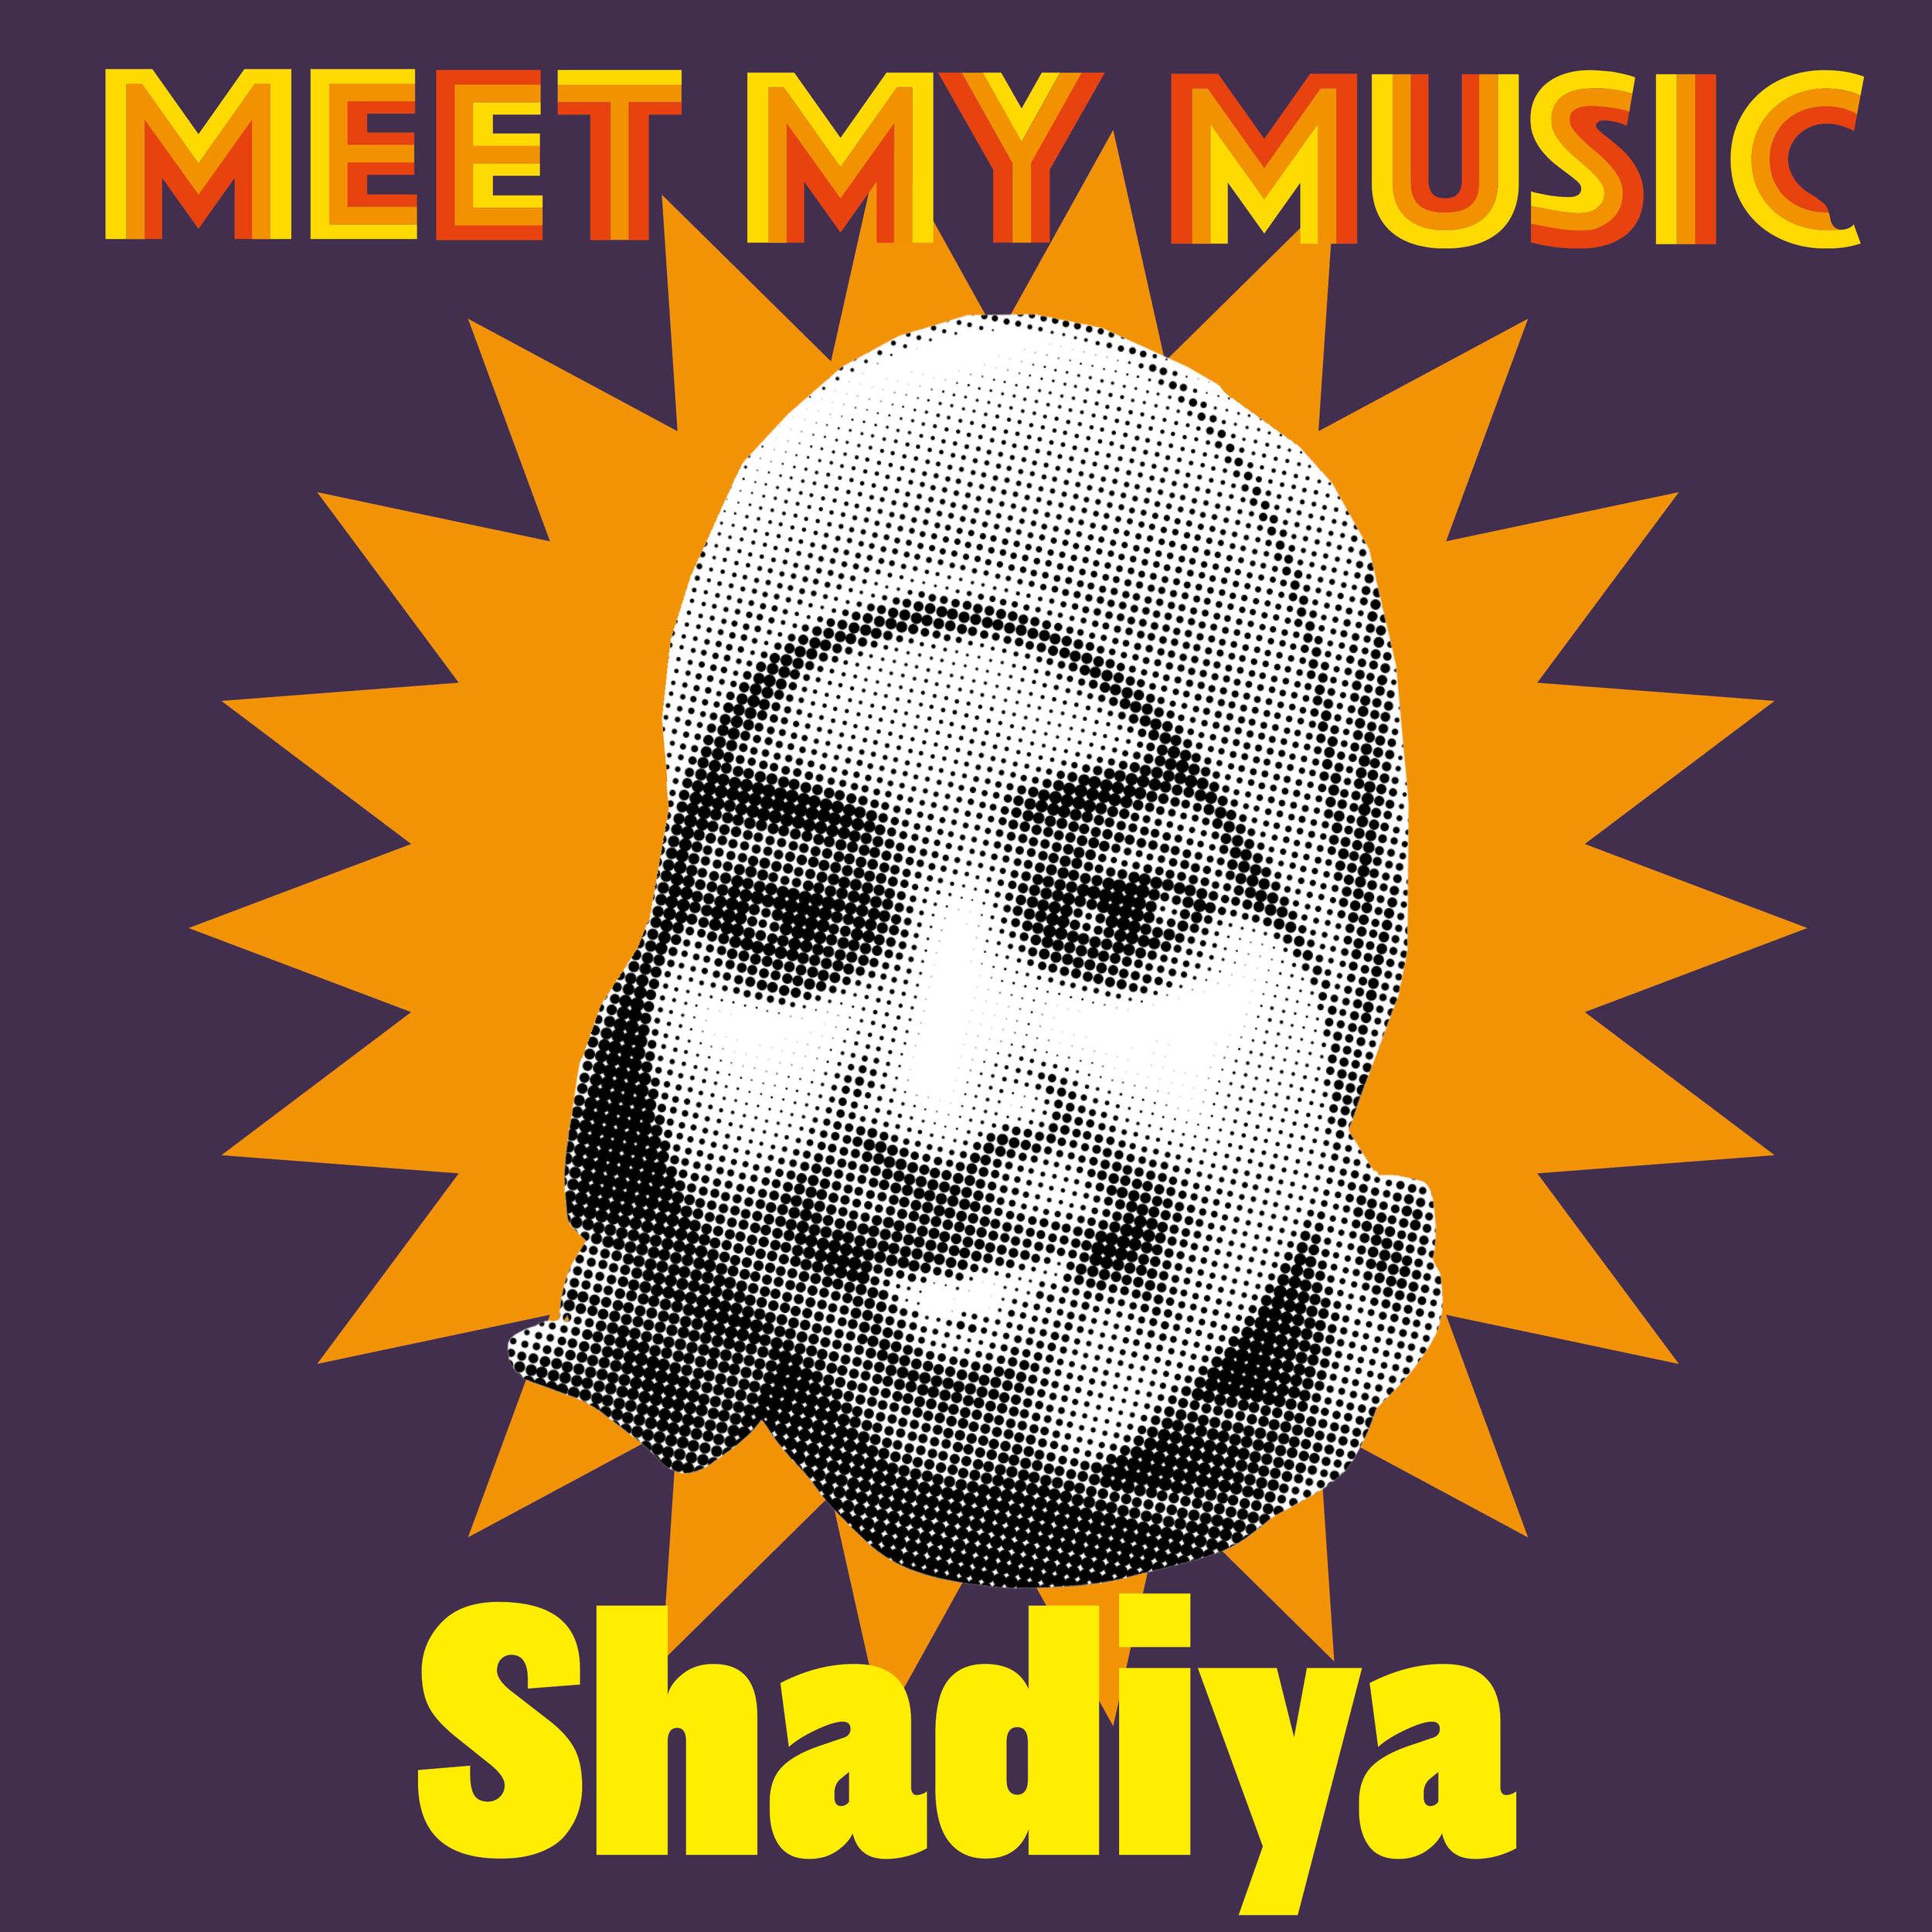 Meet my music Shadiya.jpg